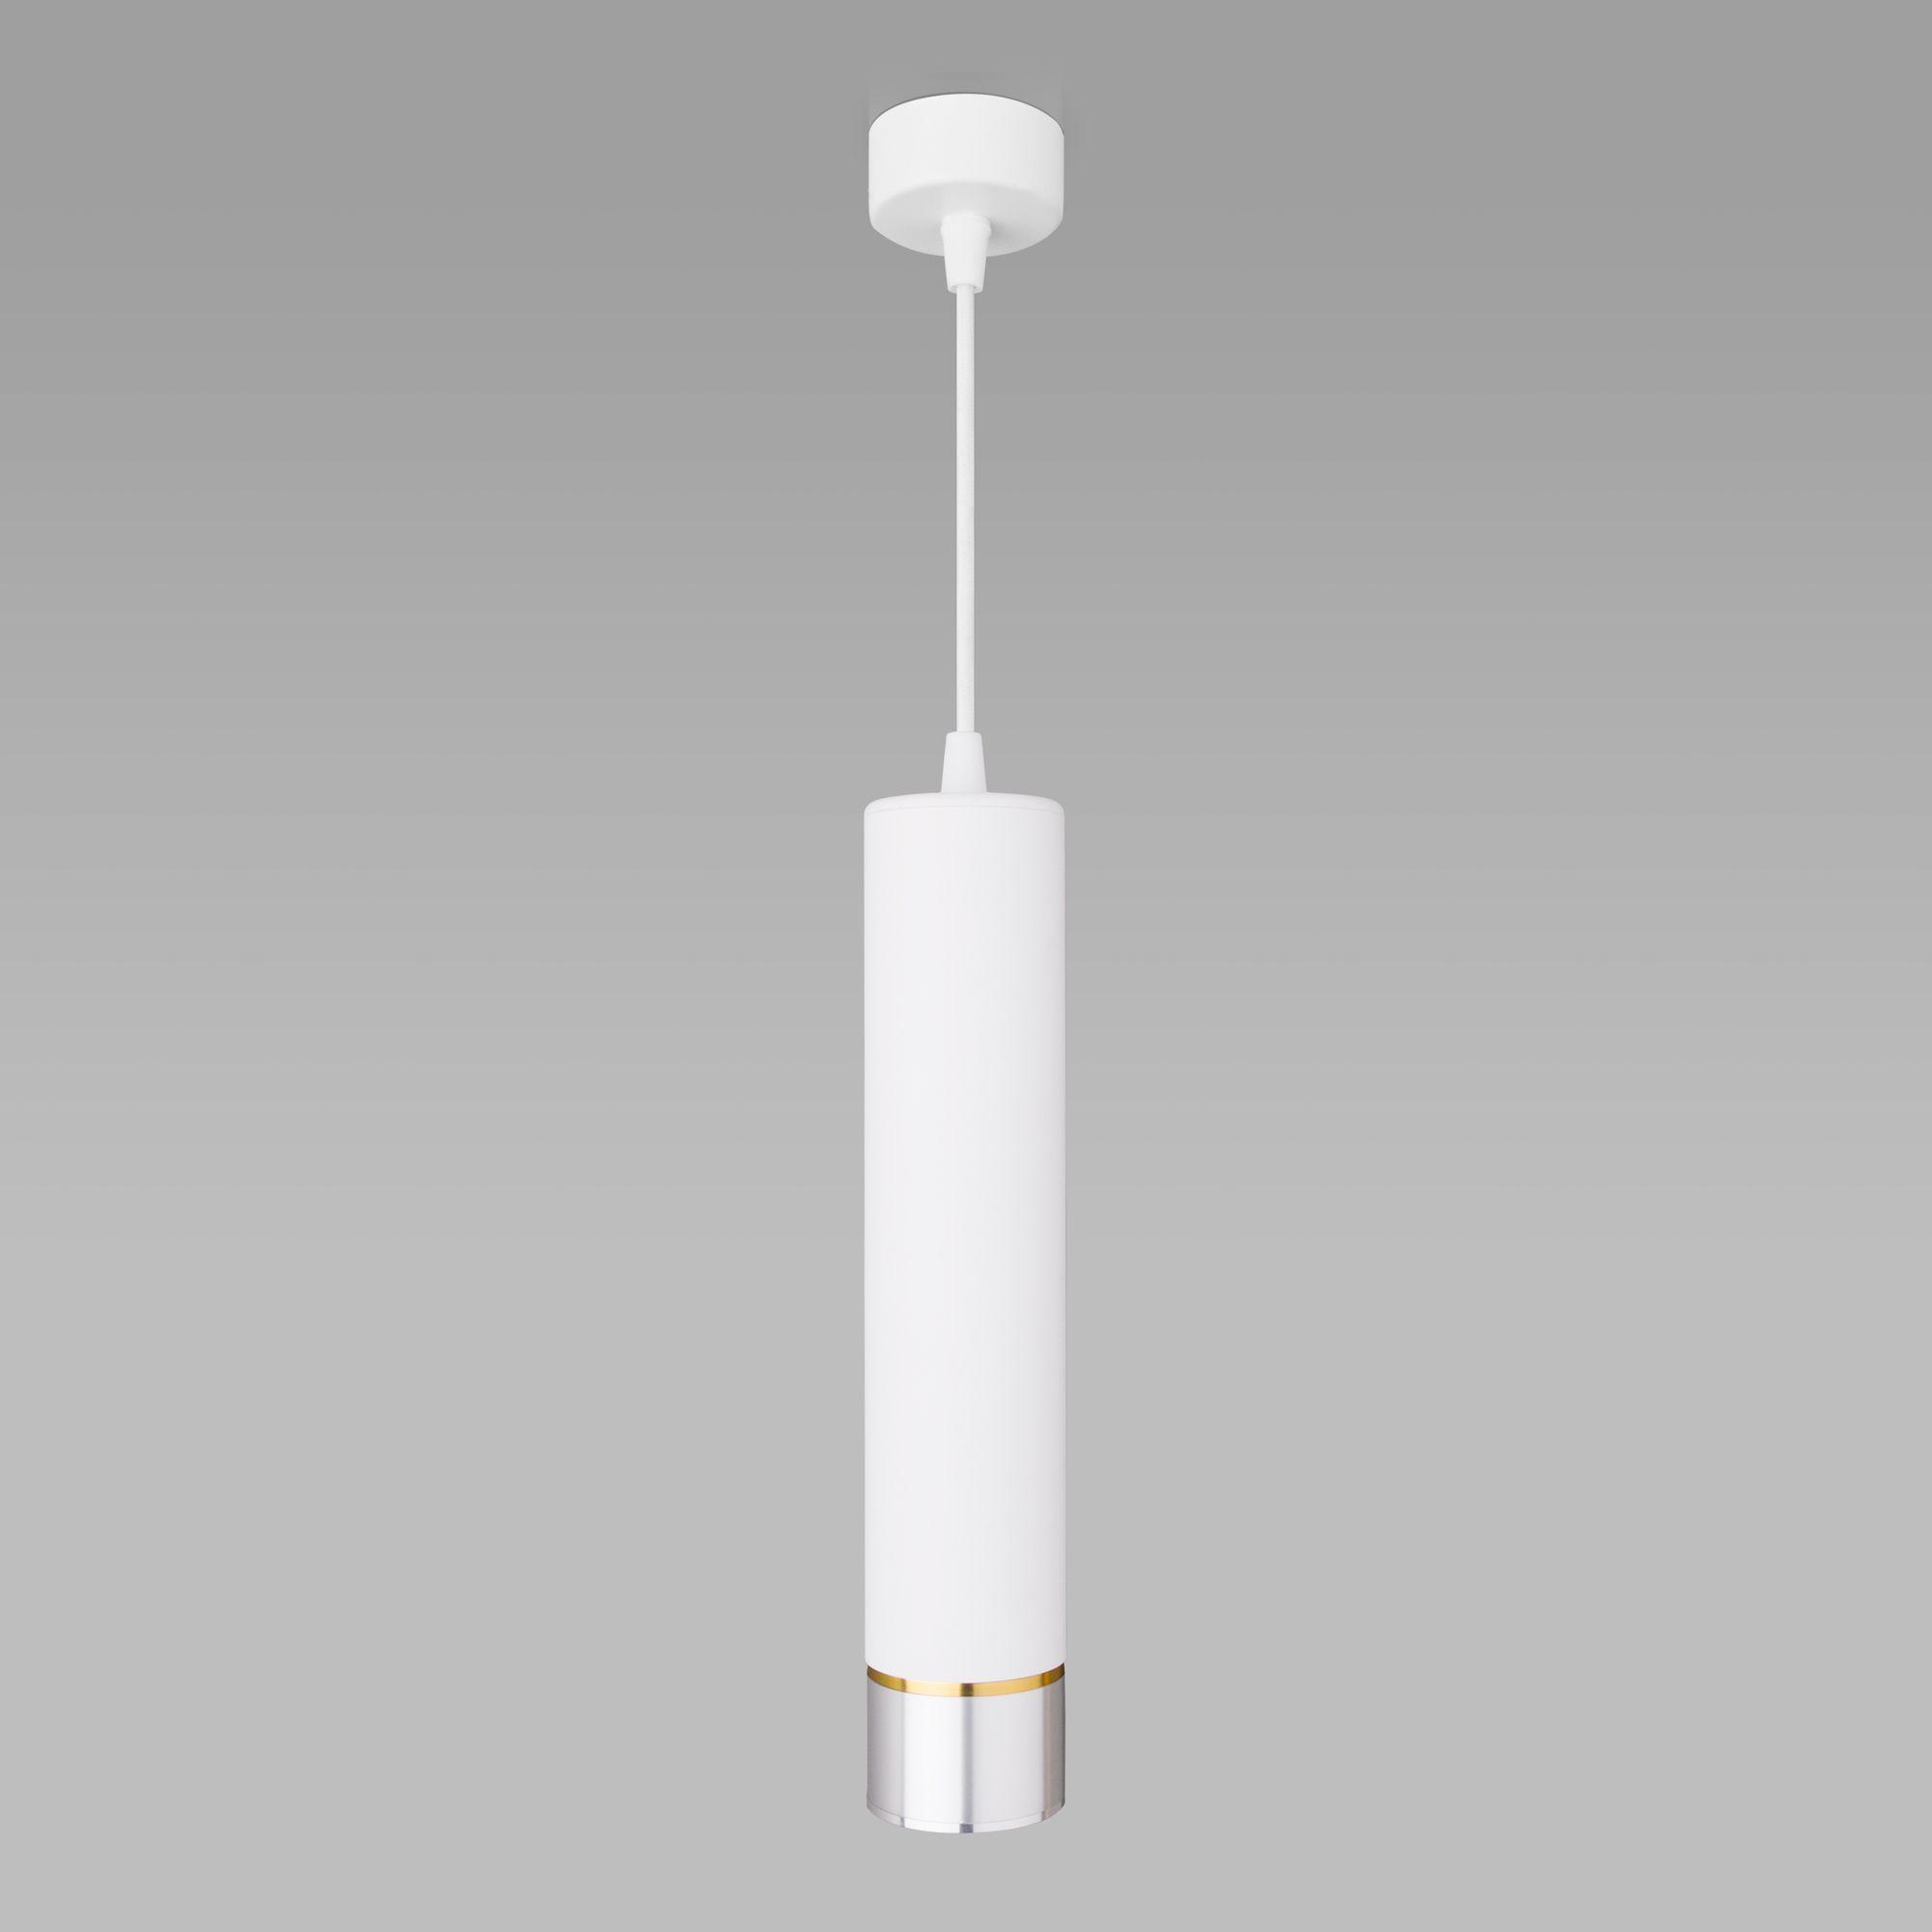 Подвесной светильник DLN107 GU10 белый/серебро